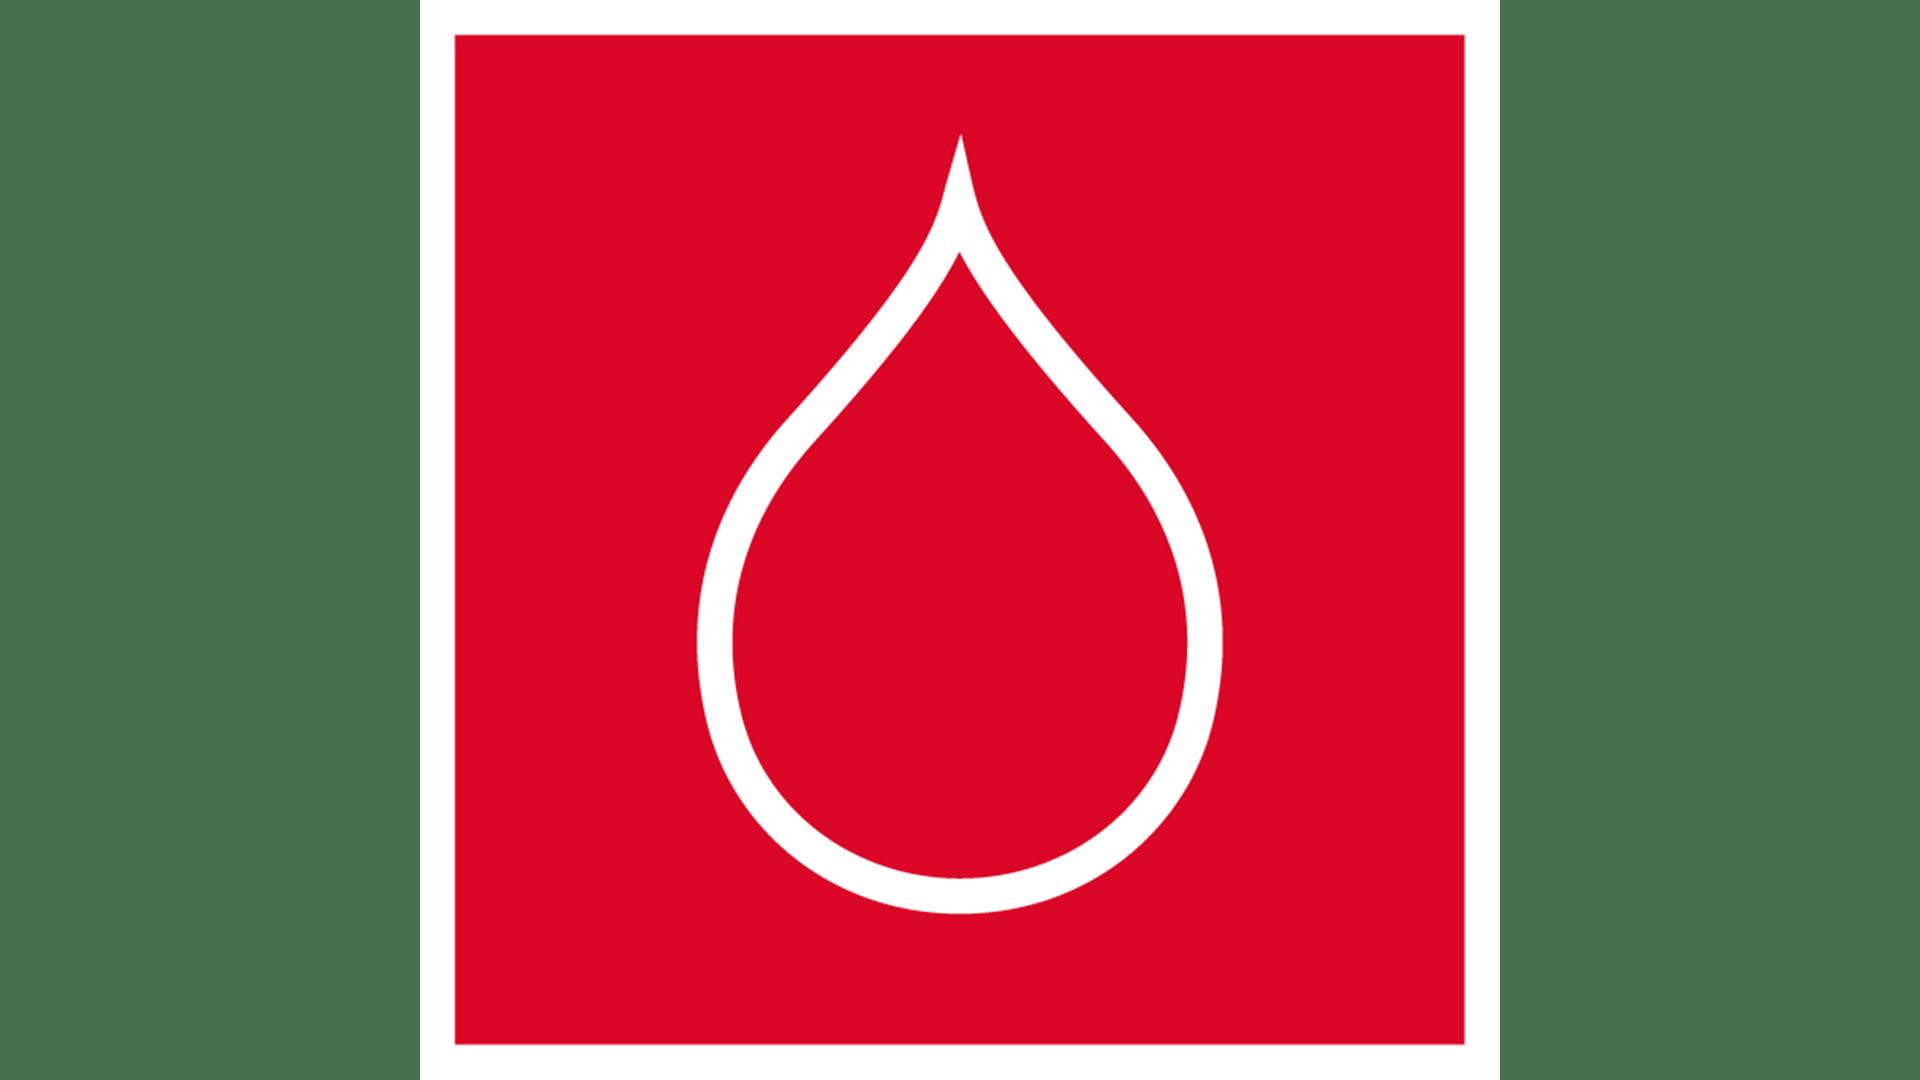 icon, 7 strenghts of stone, white on red background, for website, stärken von steinwolle, weiß auf rot, water properties, wassereigenschaften, germany